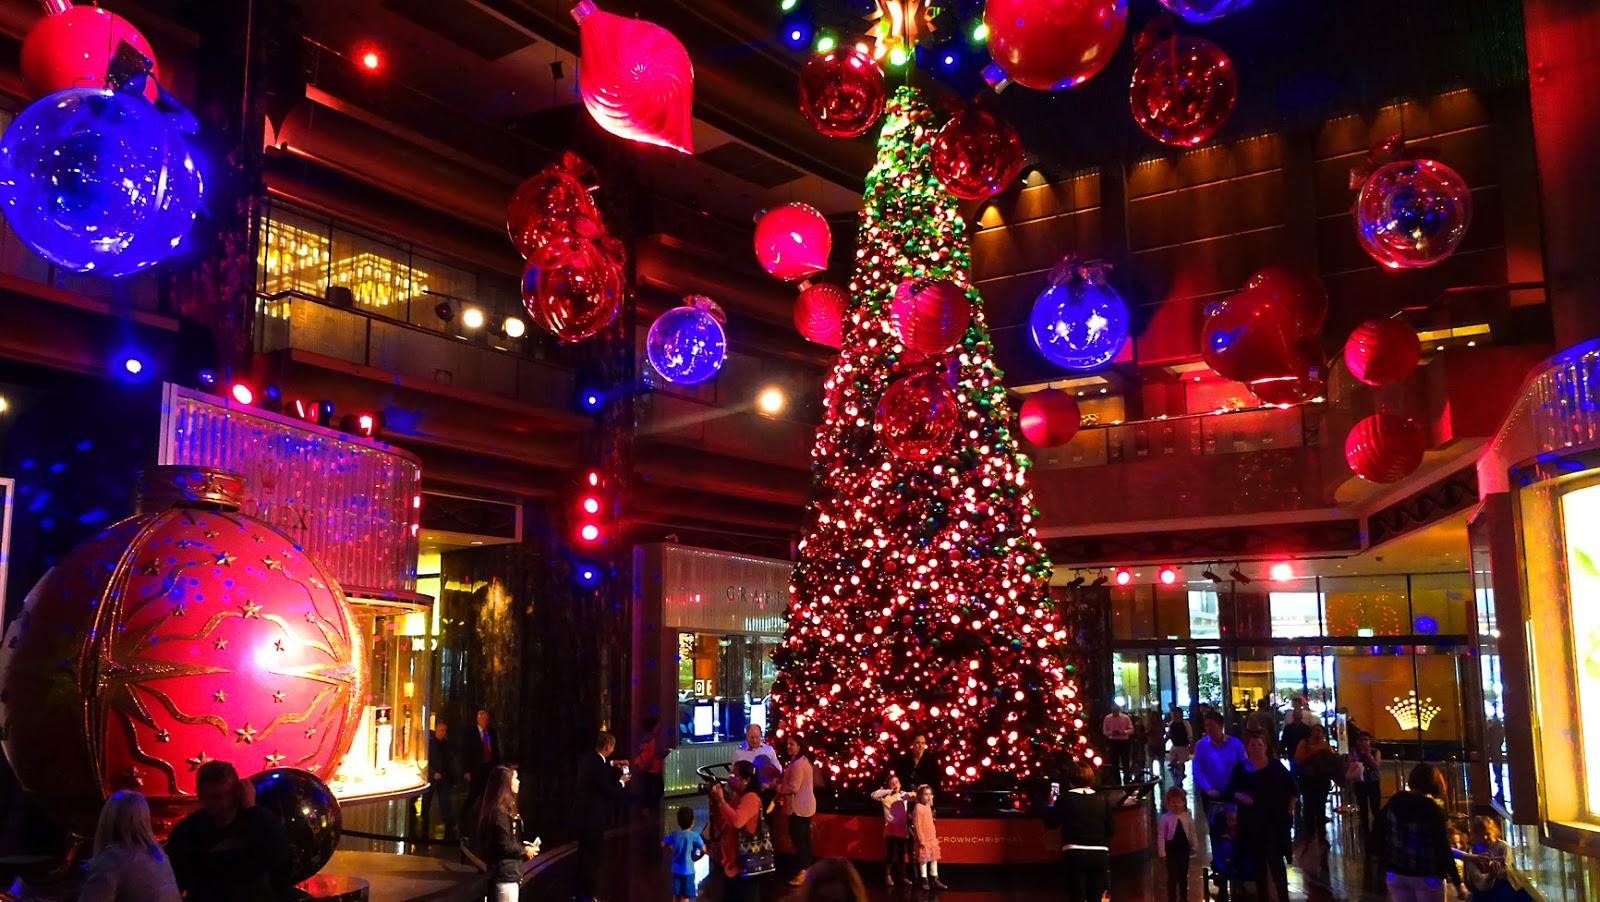 Christmas Spectacular in the Atrium